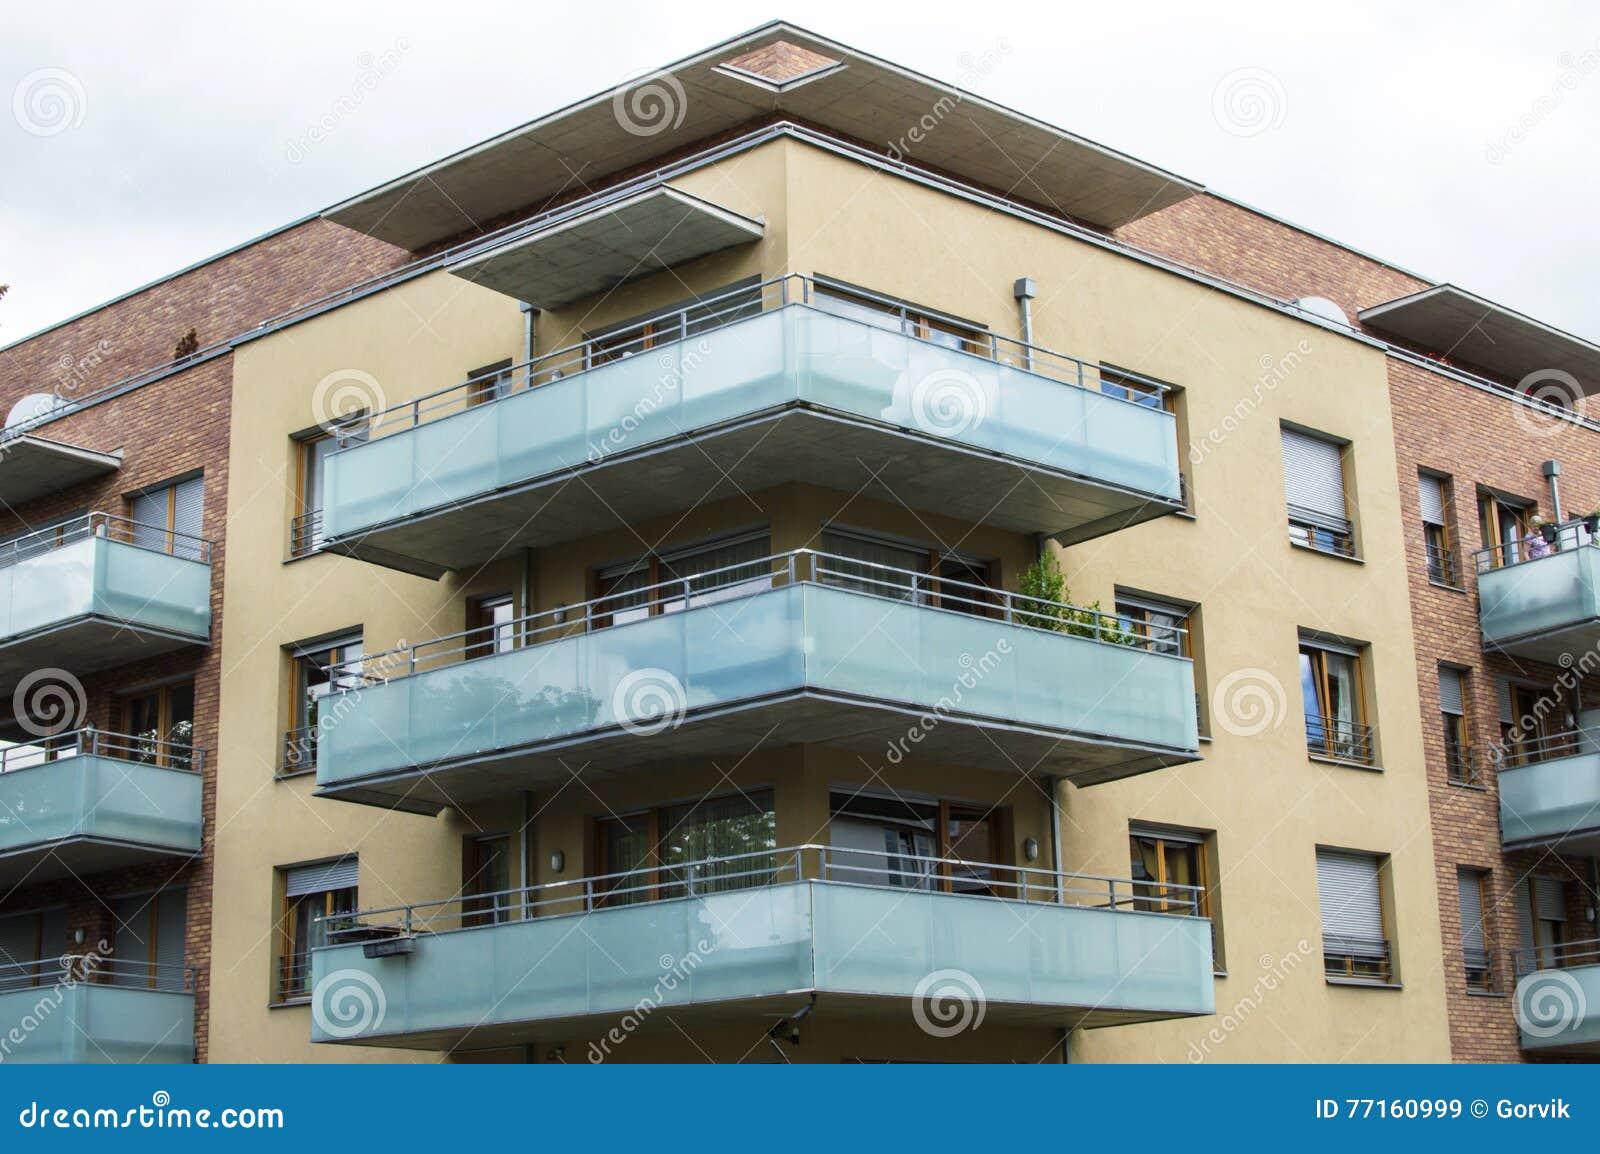 Maison moderne avec de beaux balcons en verre